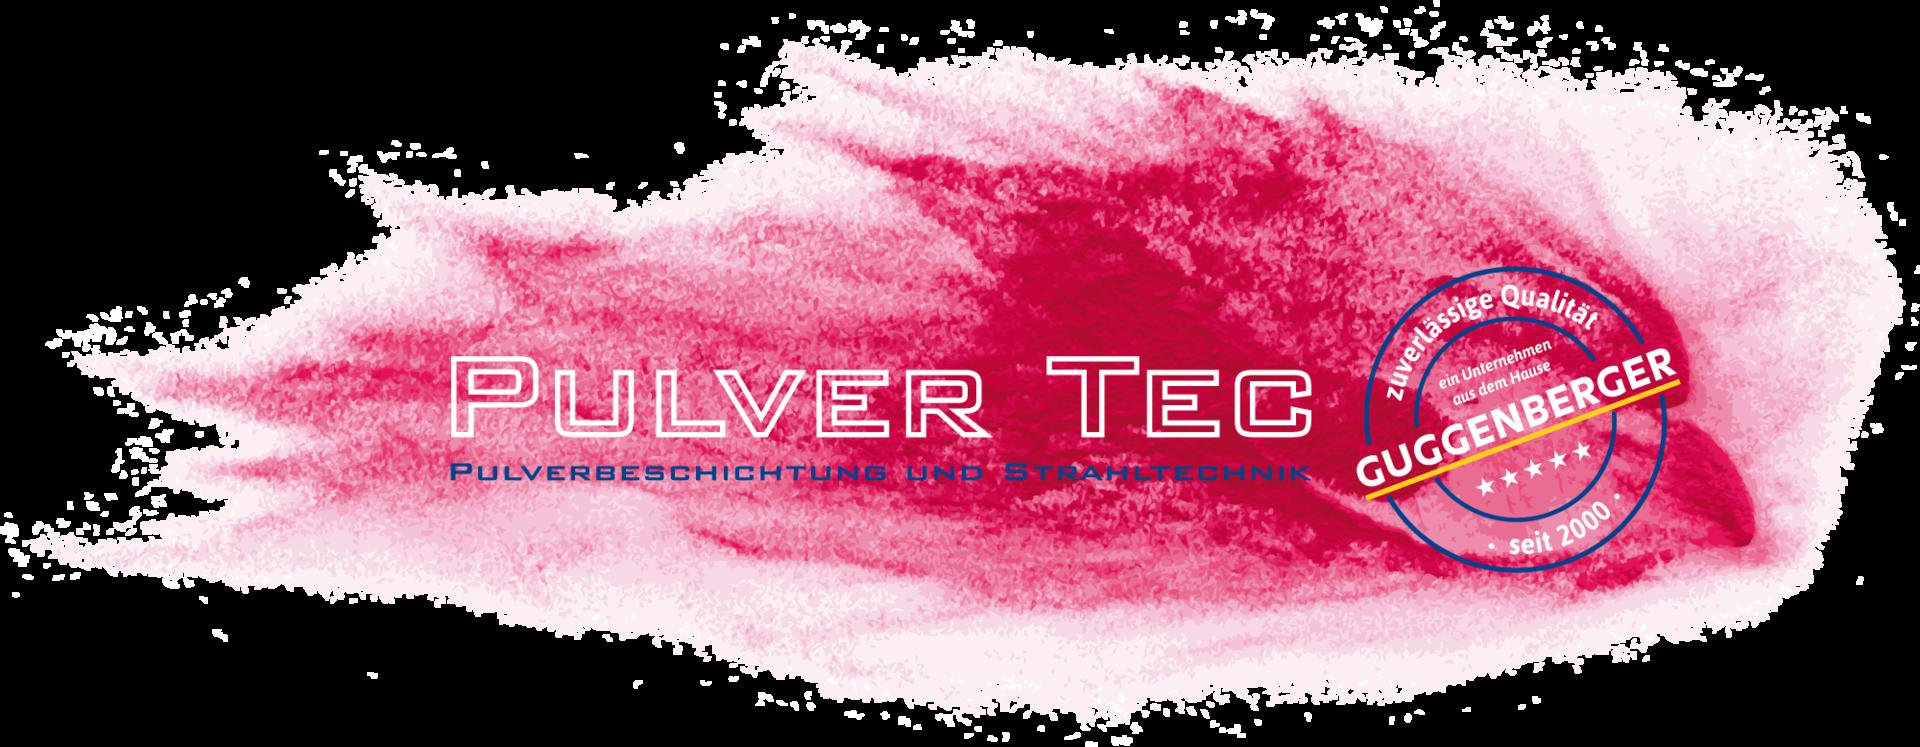 Pulver Tec